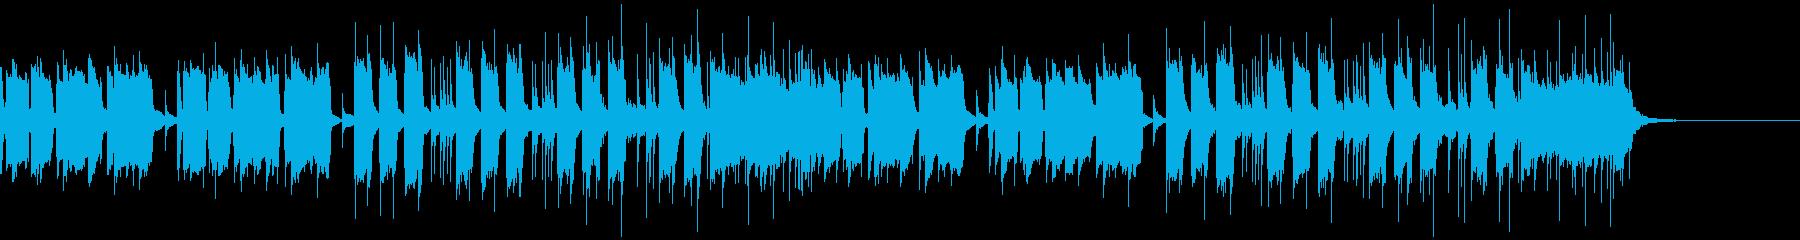 ヘヴィロック サスペンス 静か ク...の再生済みの波形